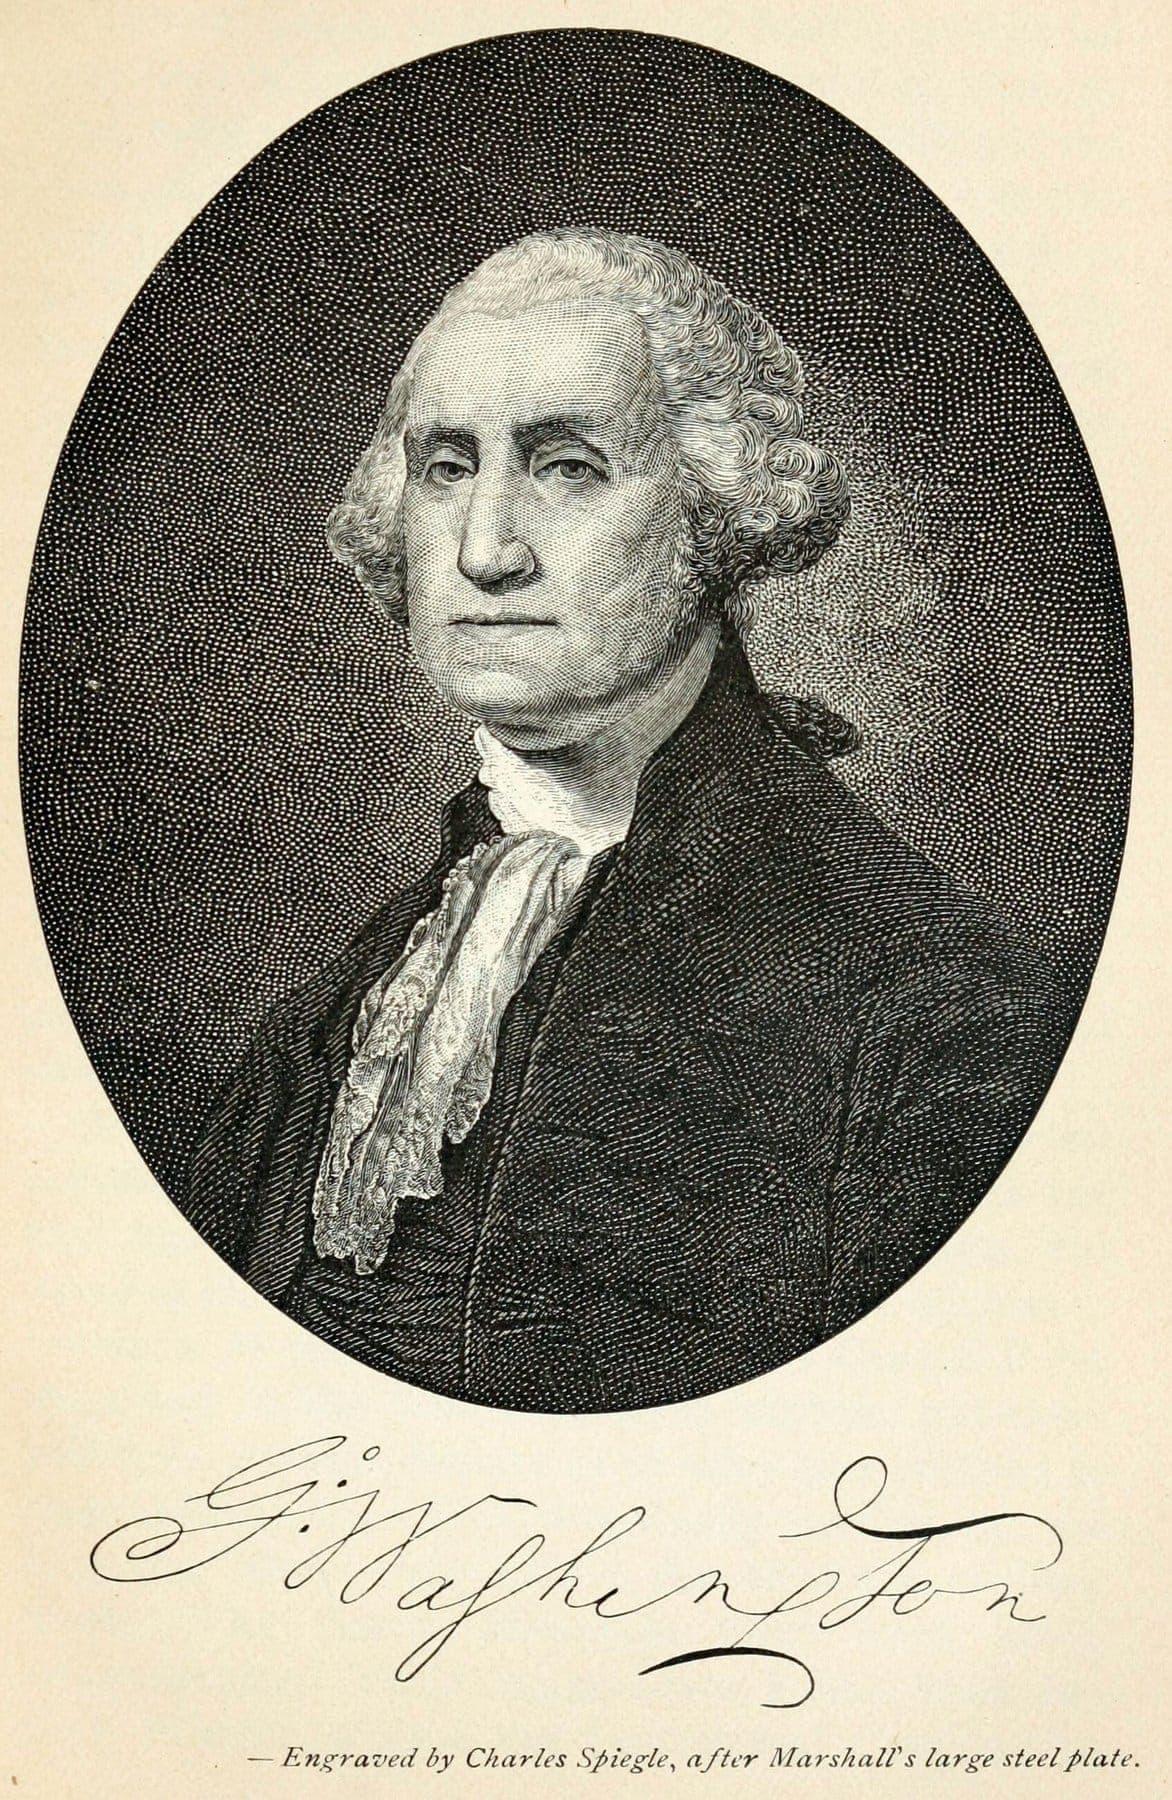 Historical image of George Washington (3)